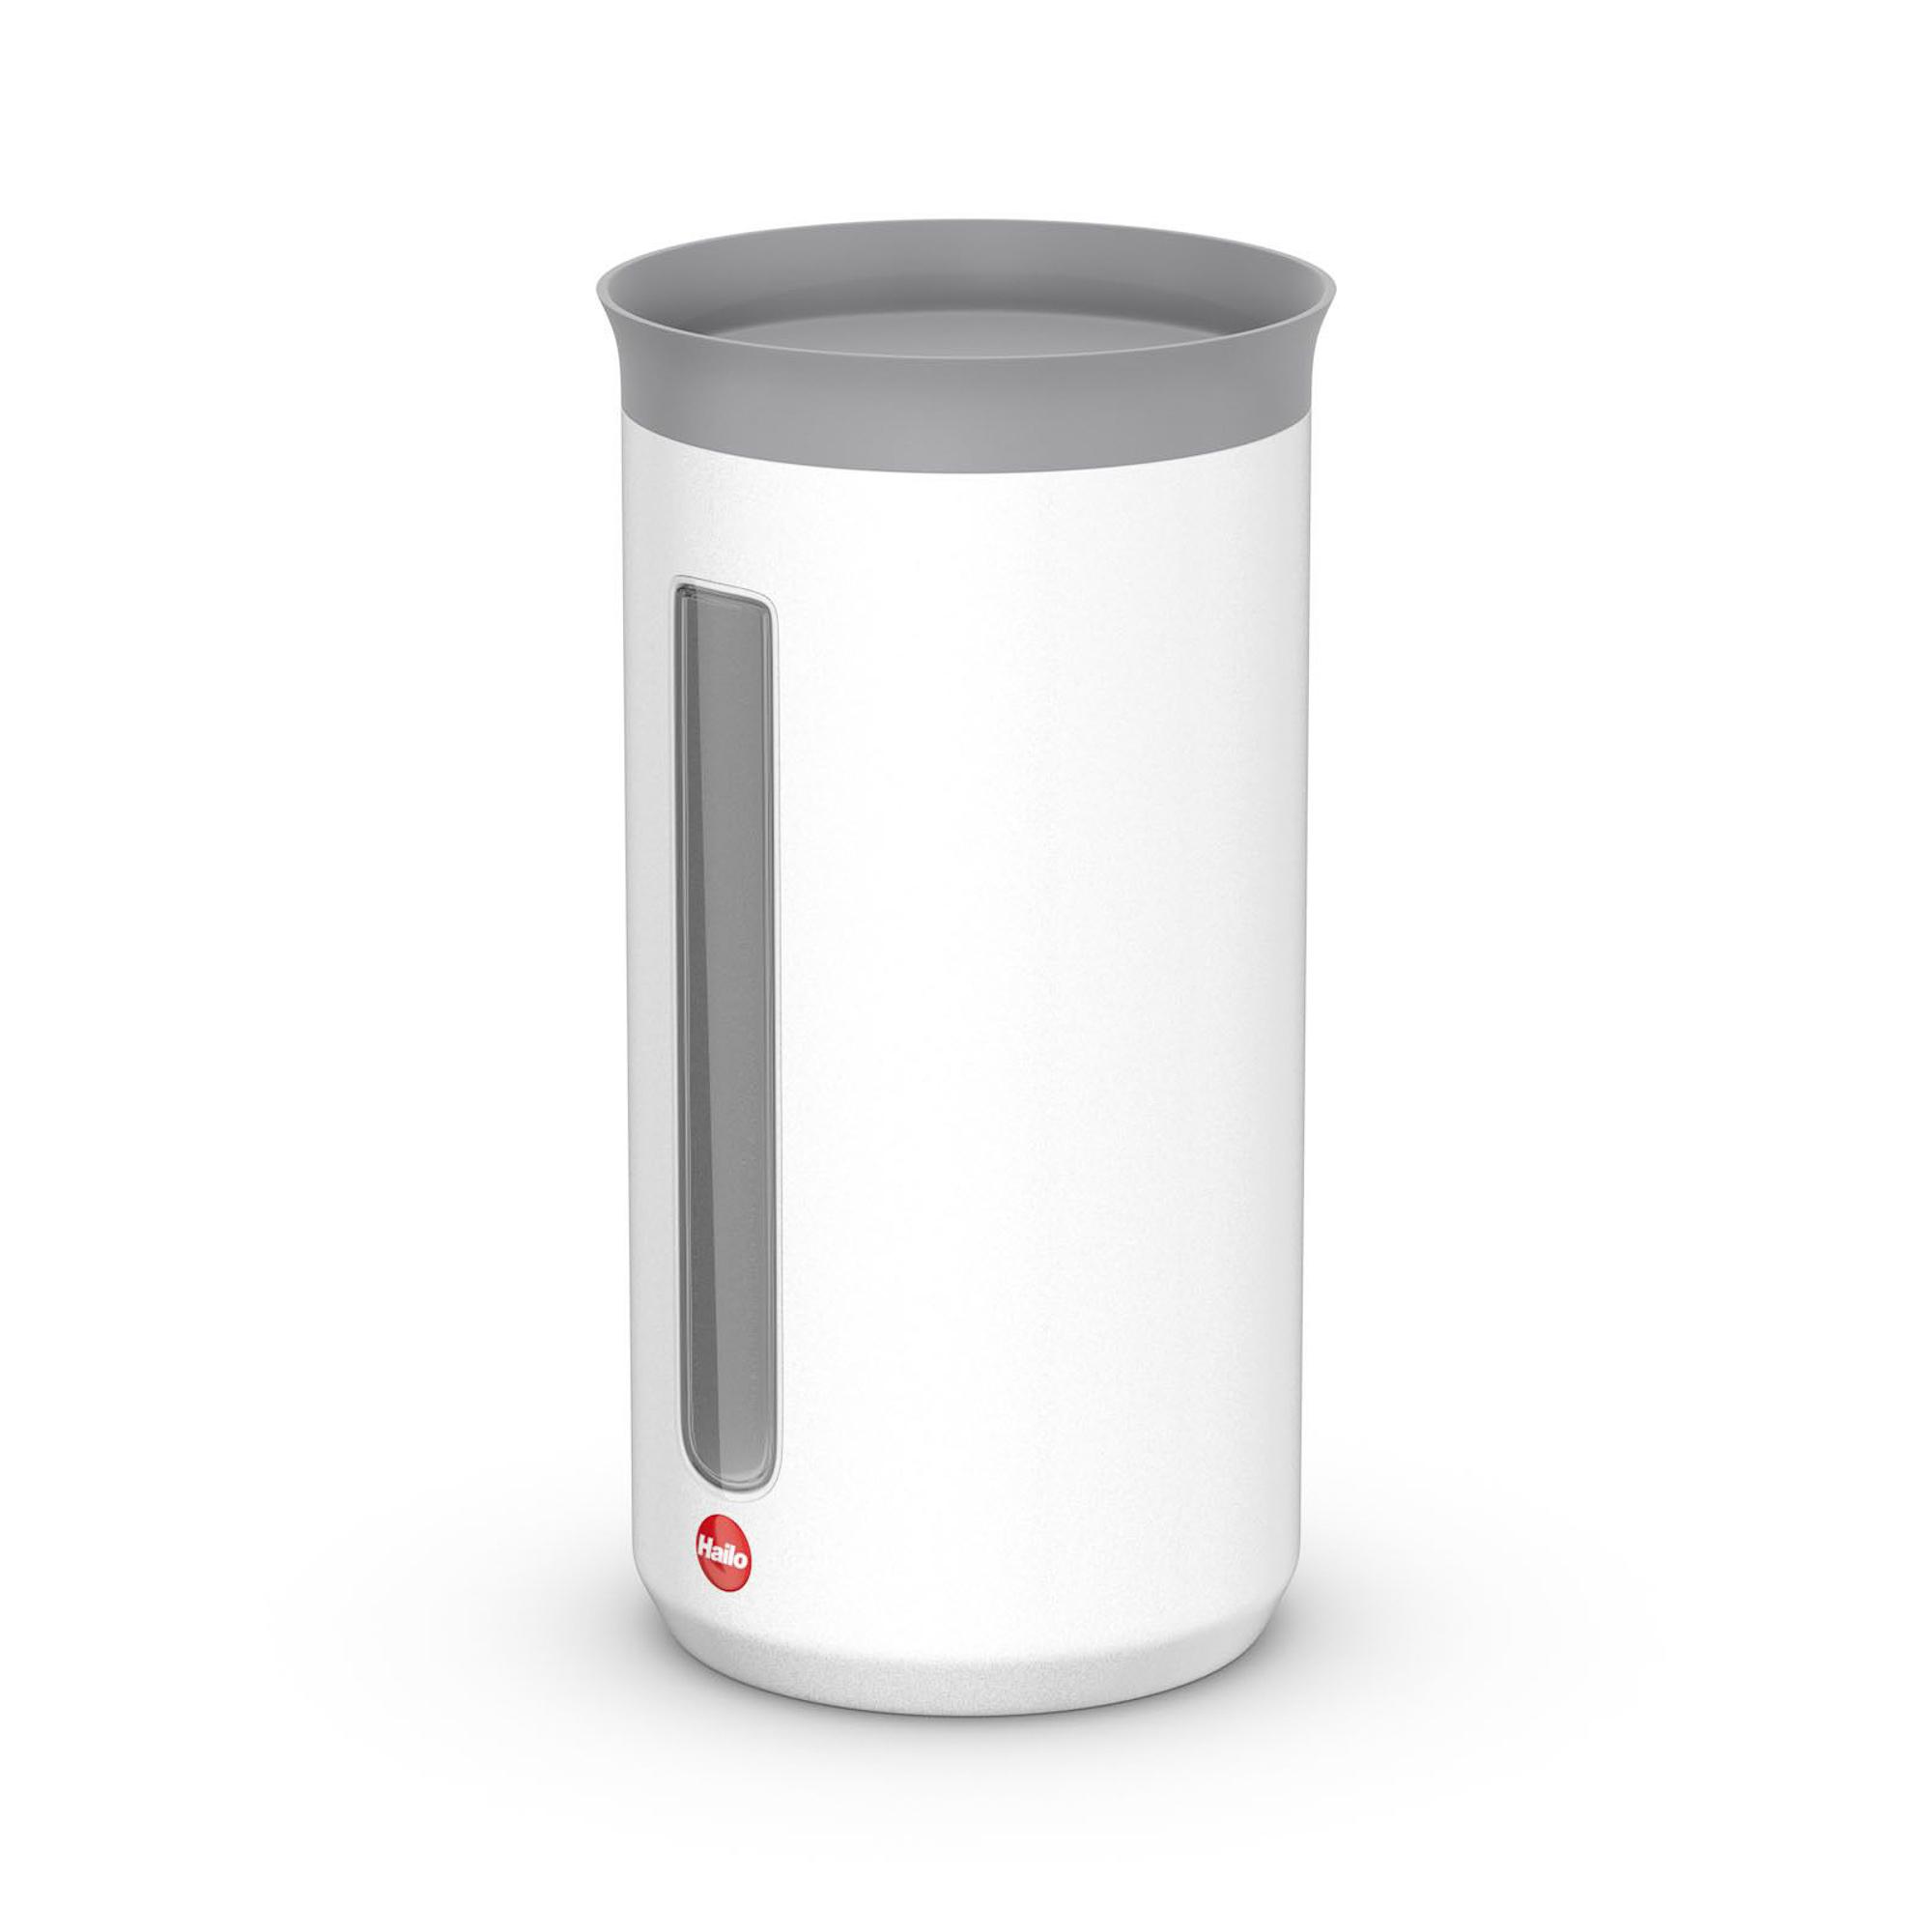 Контейнер металлический для хранения сыпучих продуктов 1.3 л Hailo белый матовый.